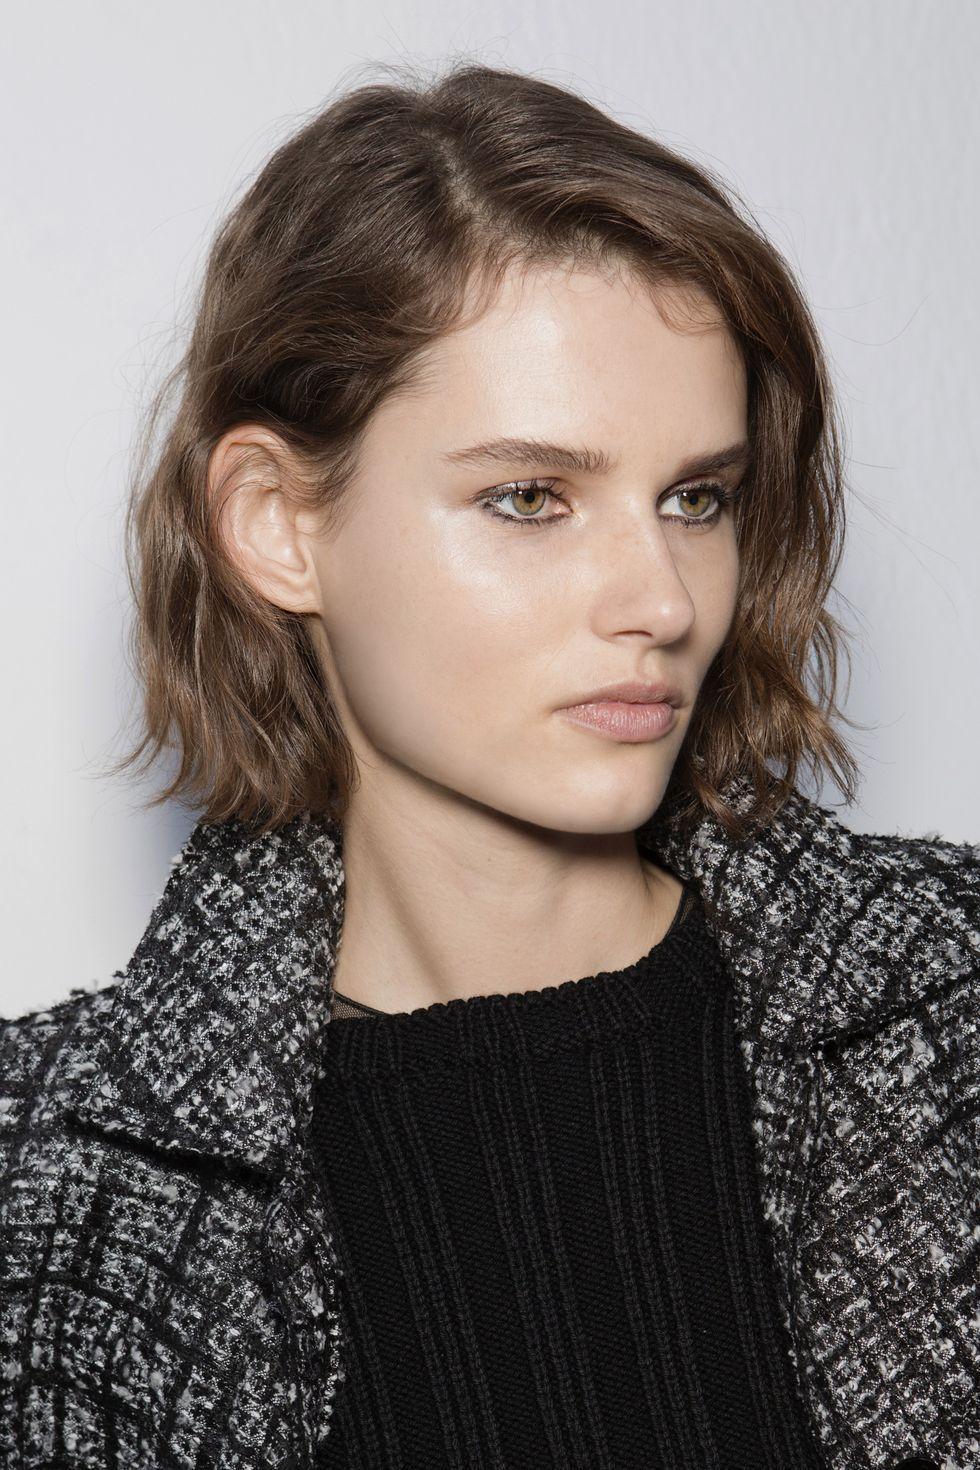 Questi sono i 10 tagli capelli moda che ameremo nel 2020 (e su cui puntare fin da ora)